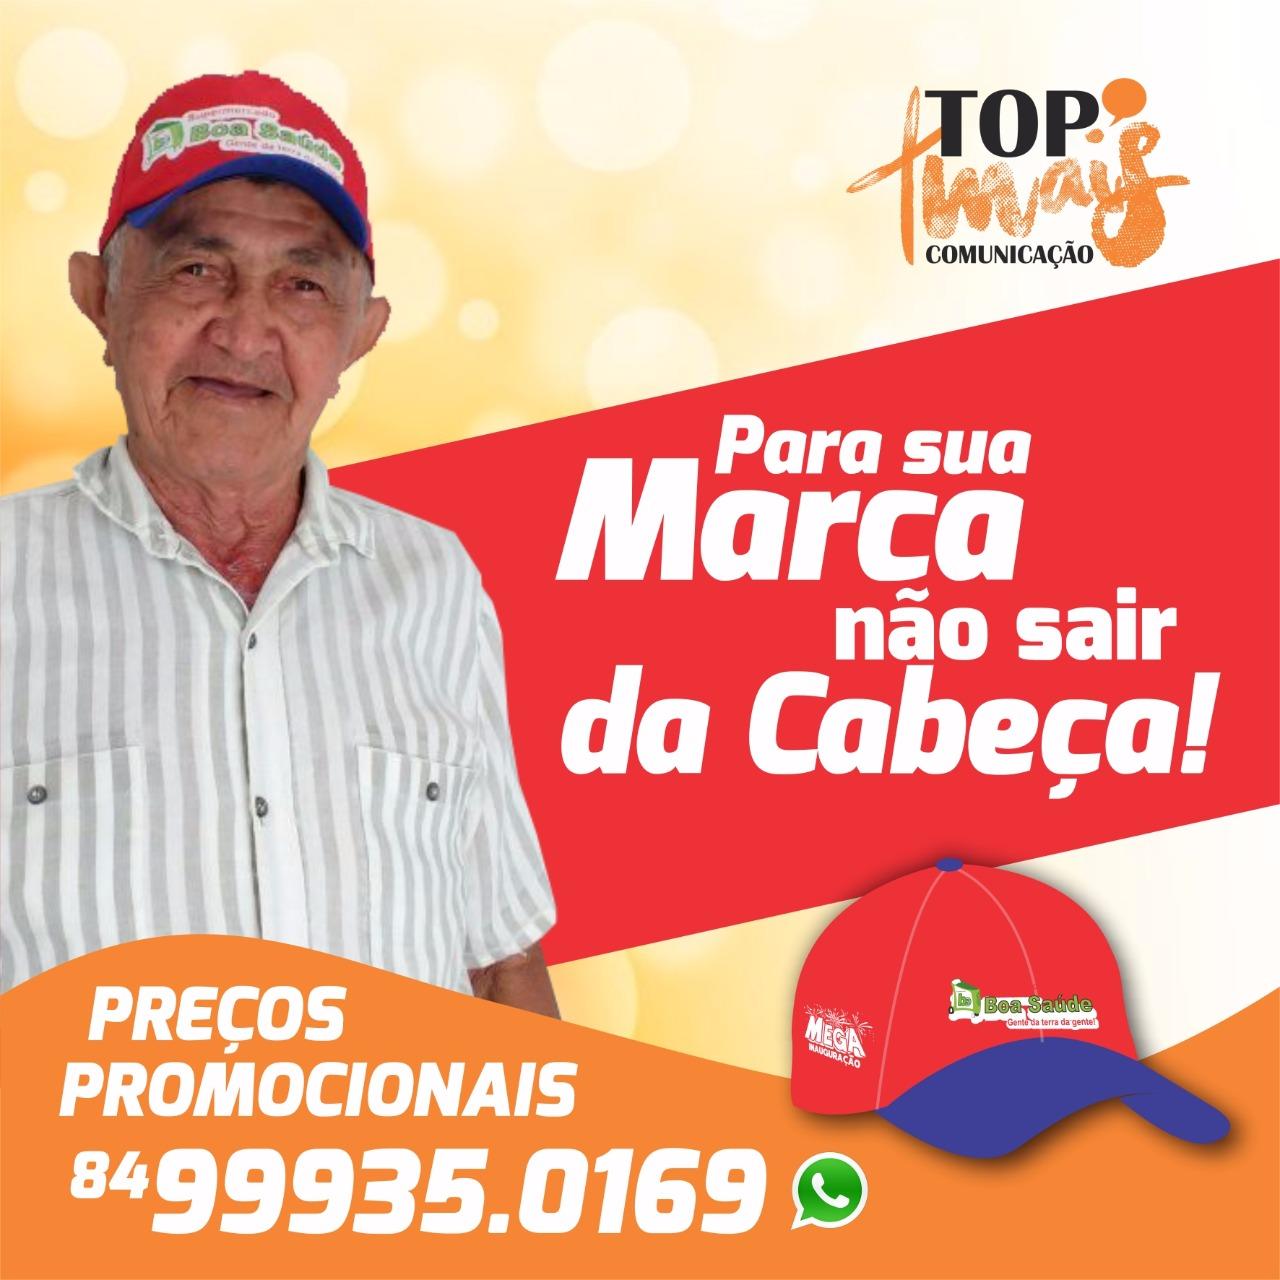 TOP MAIS COMUNICAÇÃO